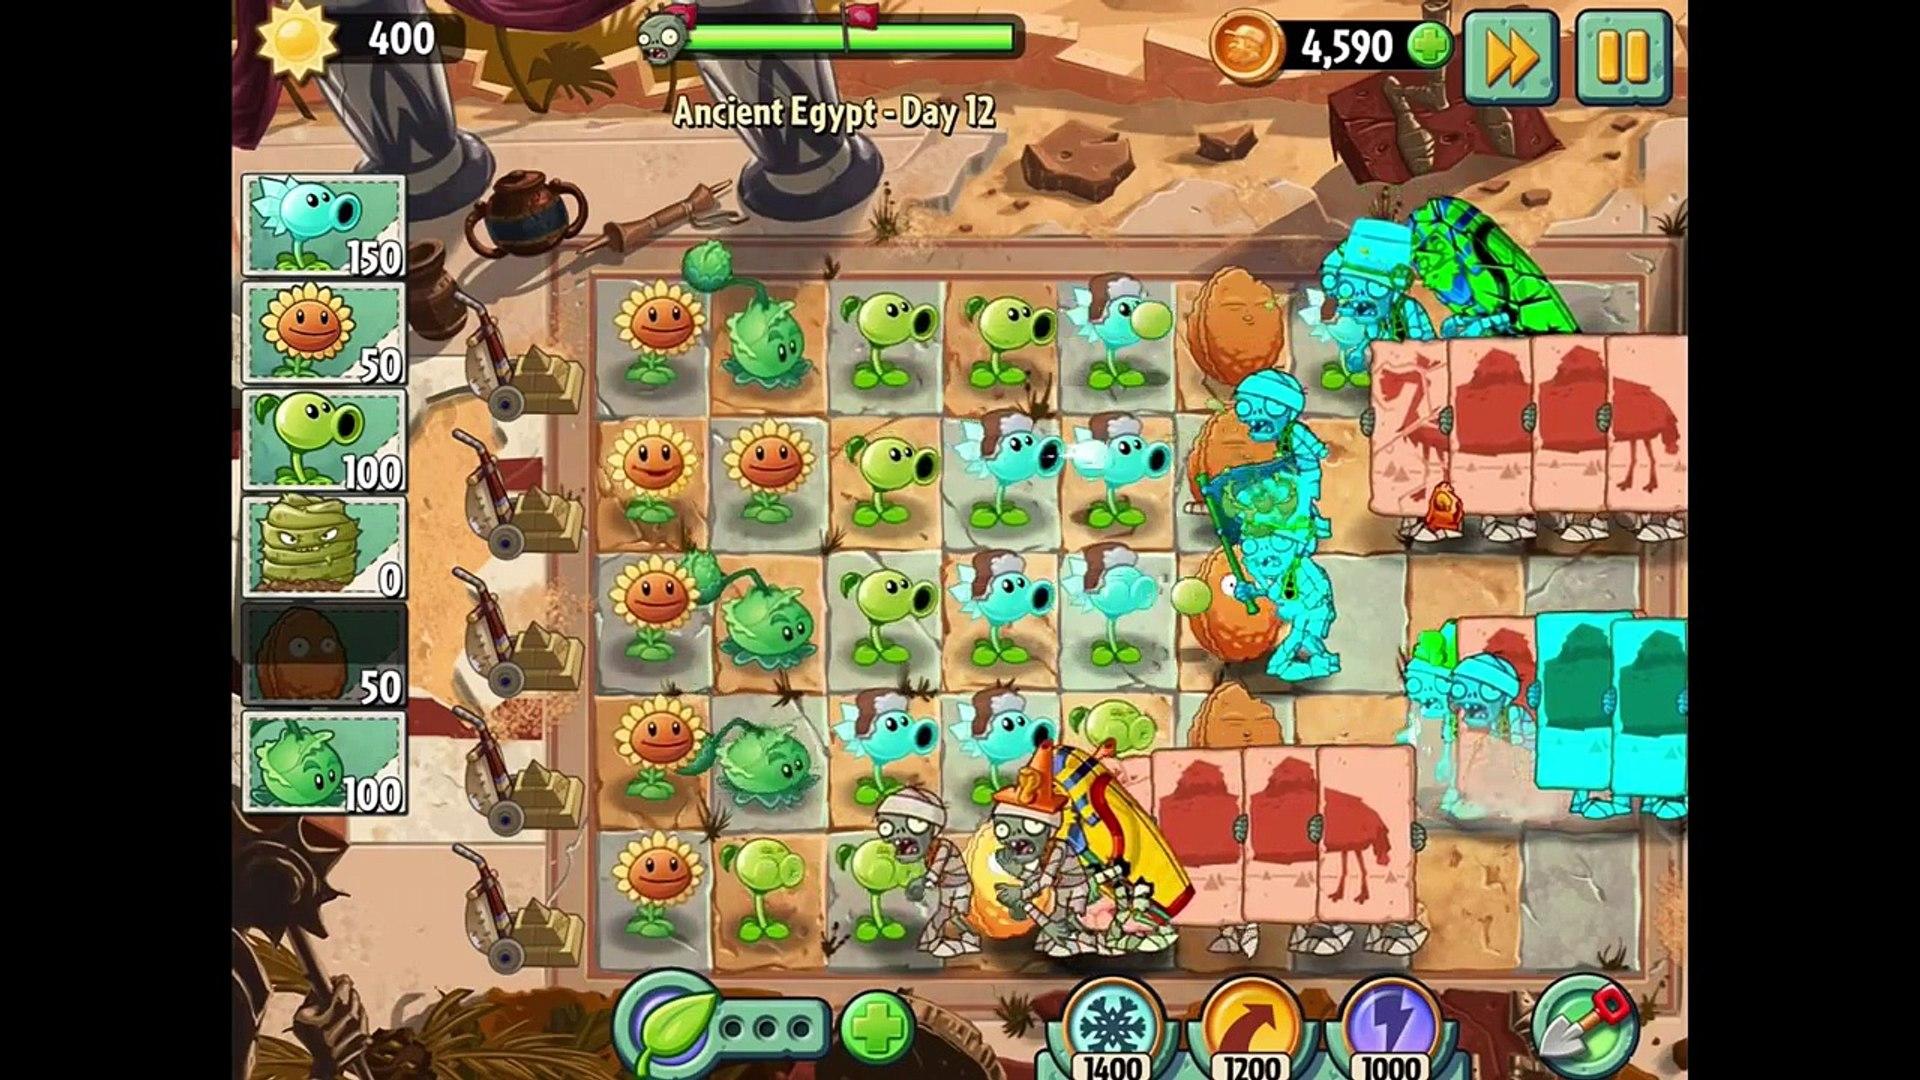 овощи против зомби 2 игра египед часть 4 заключительная # 2